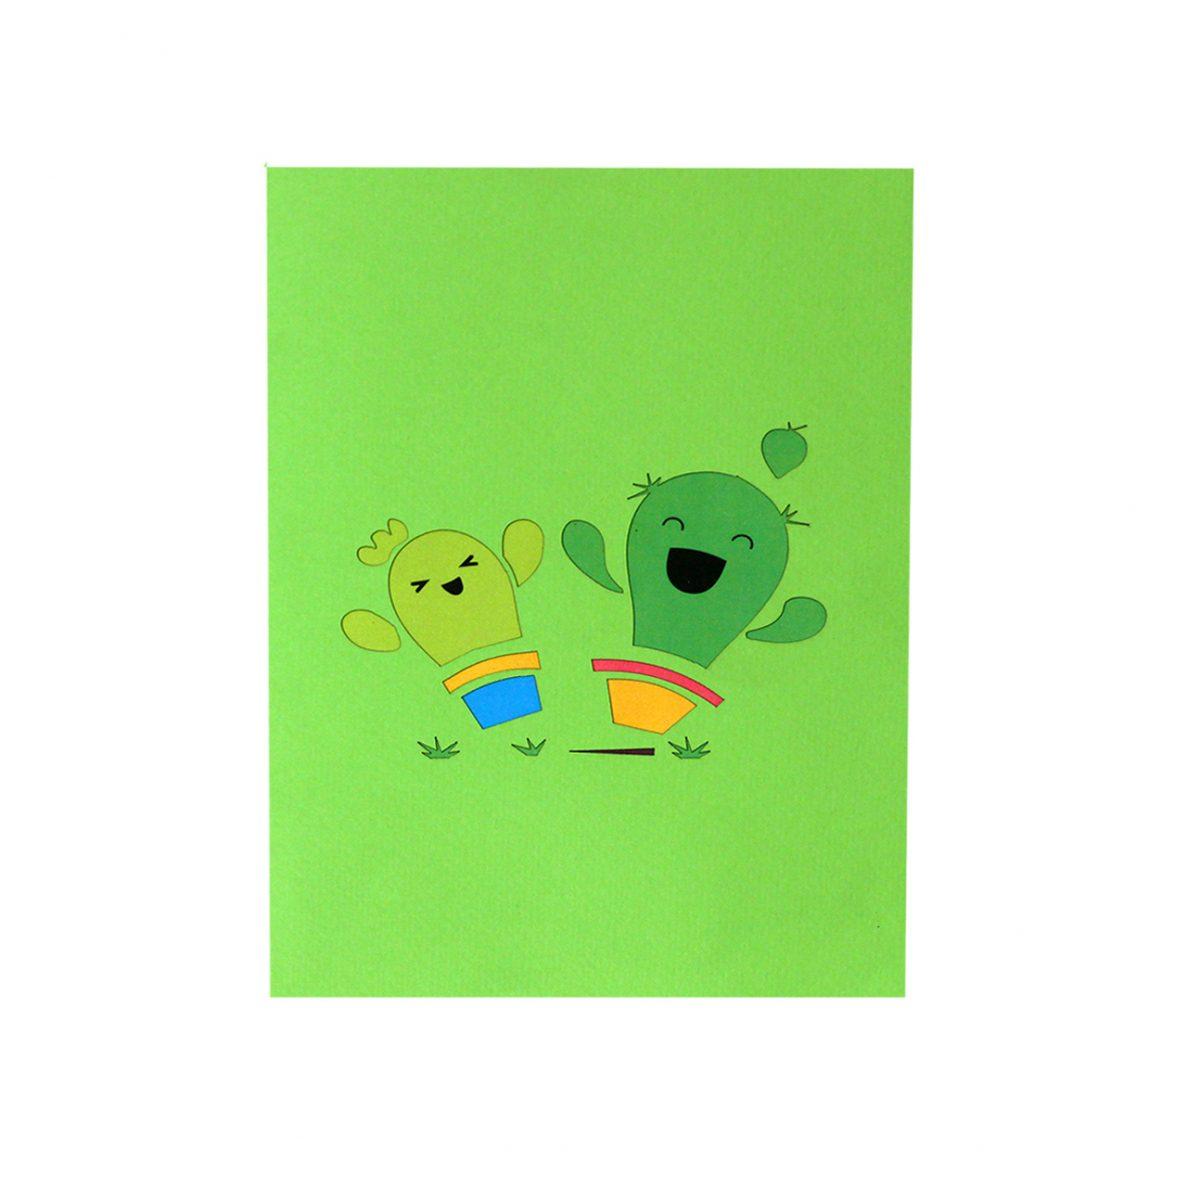 cactus pop up card